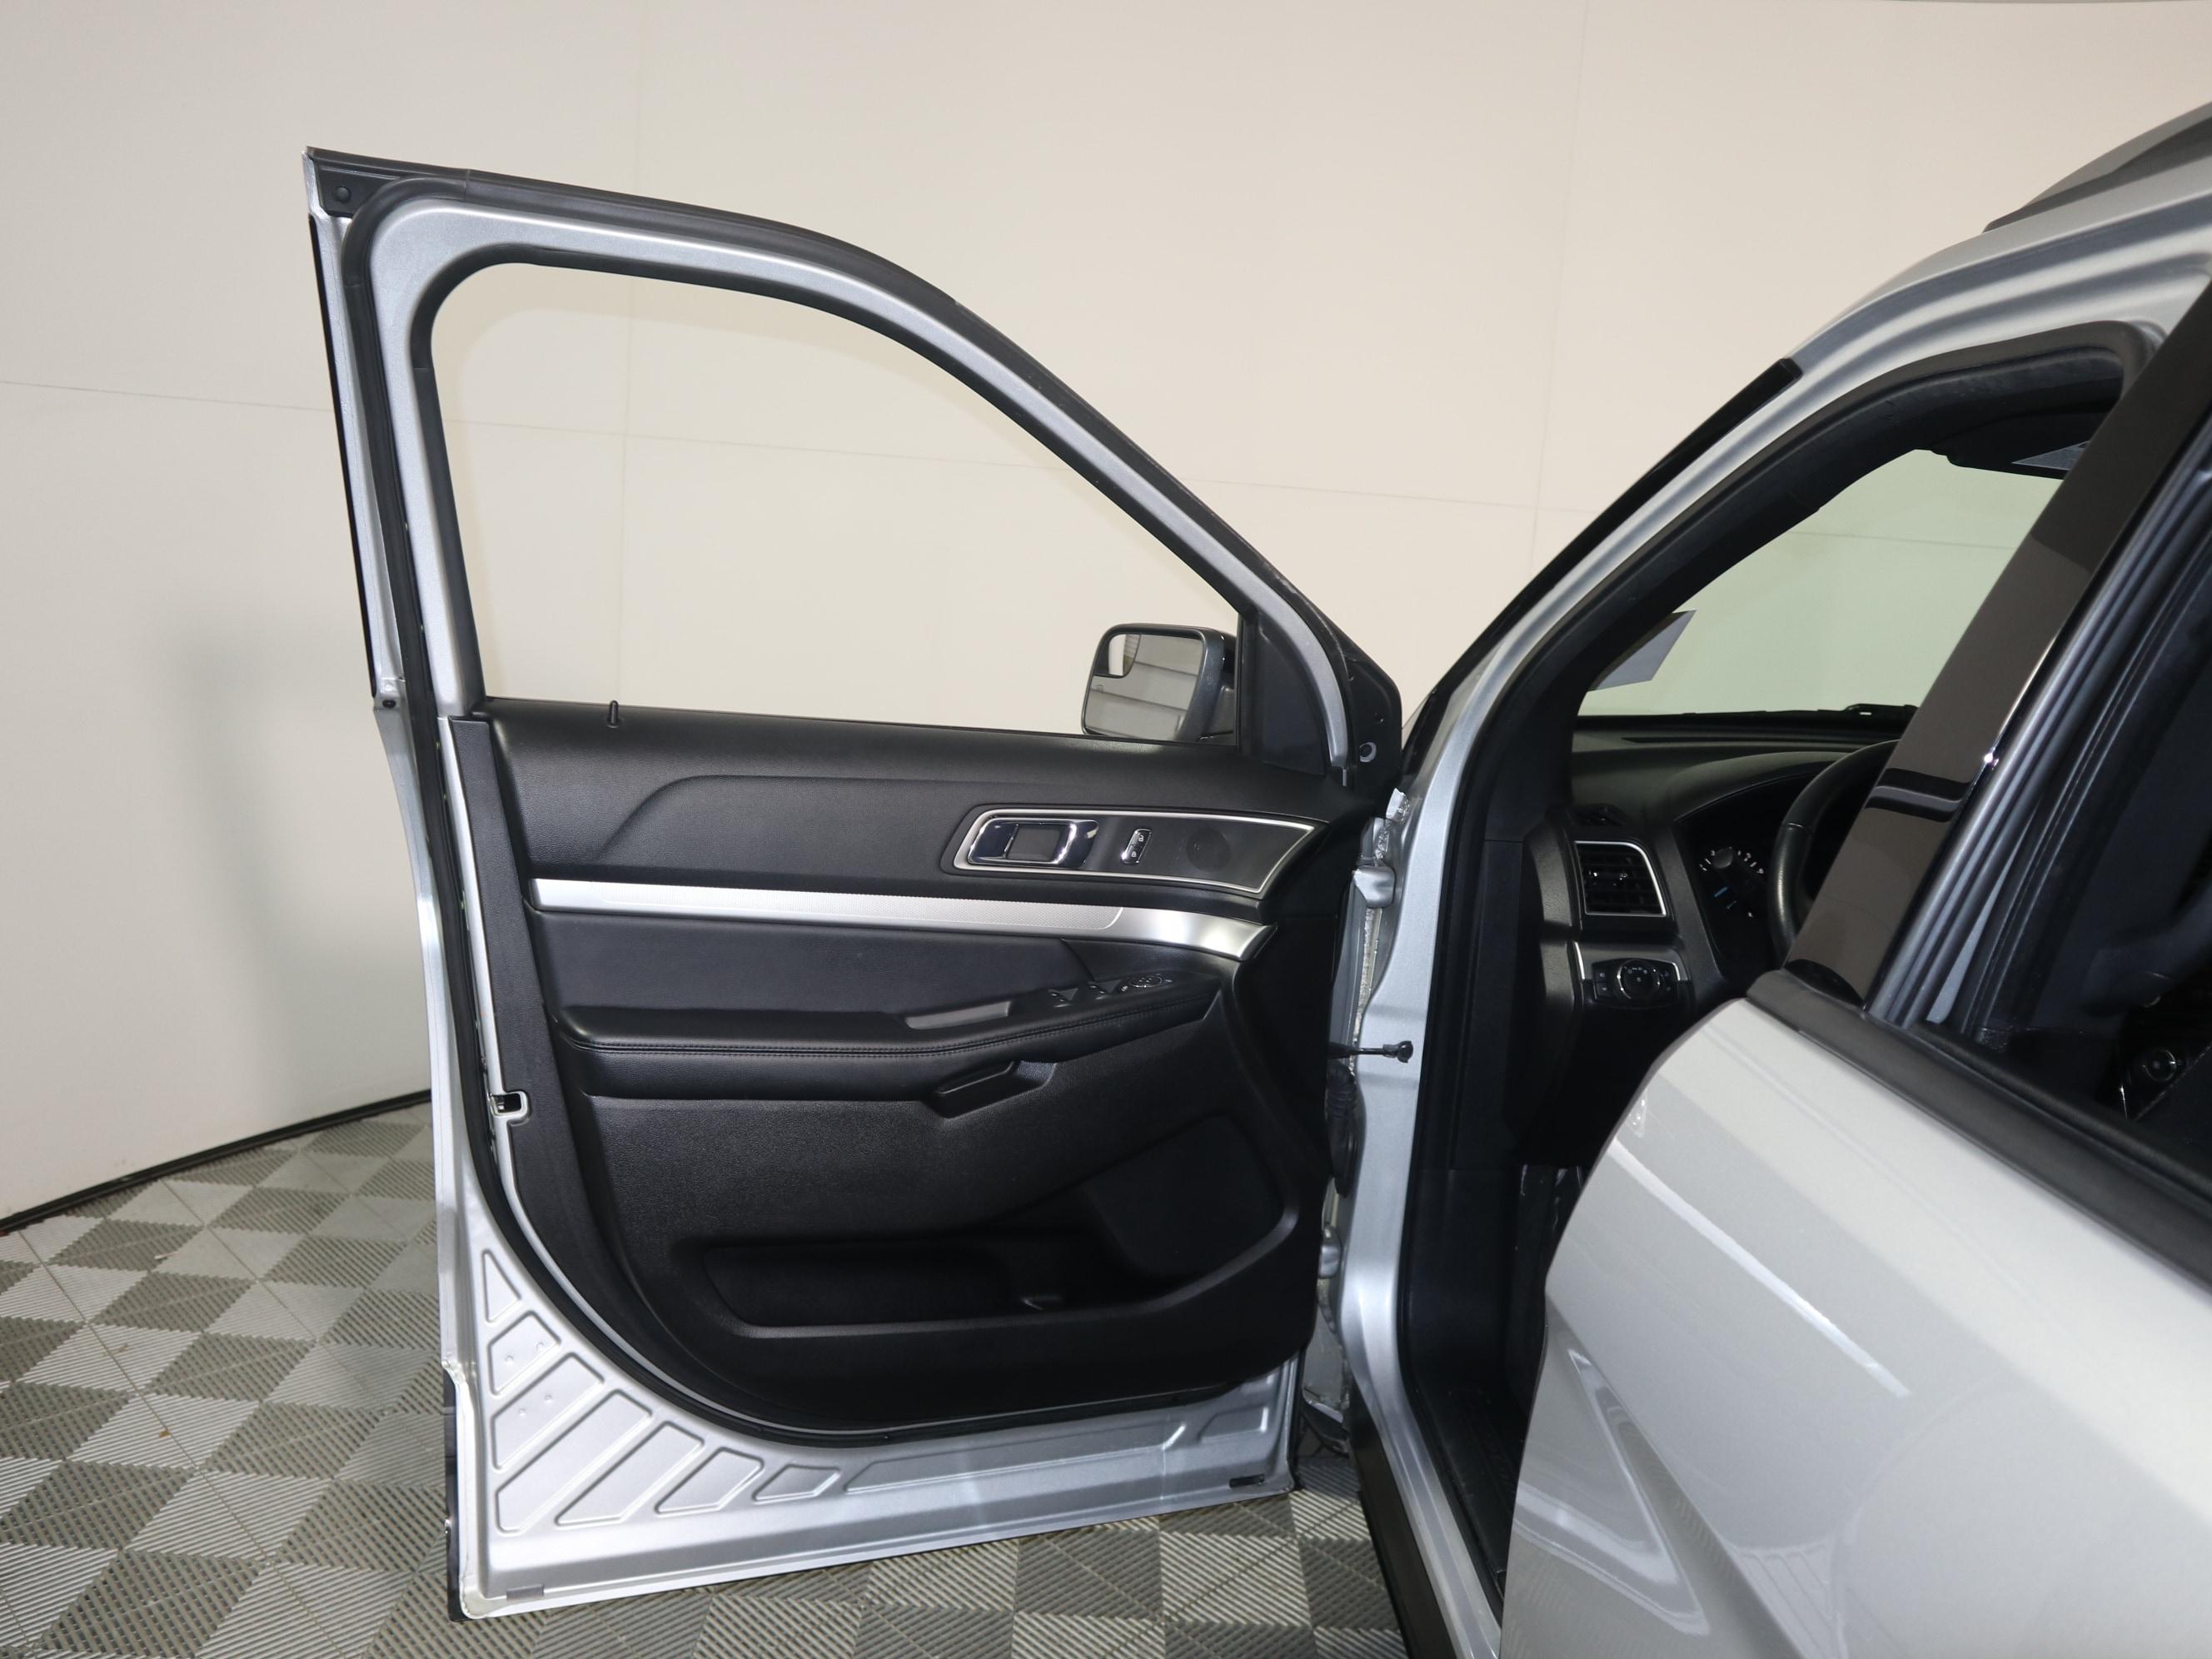 2017 Ford Explorer - Fair Car Ownership